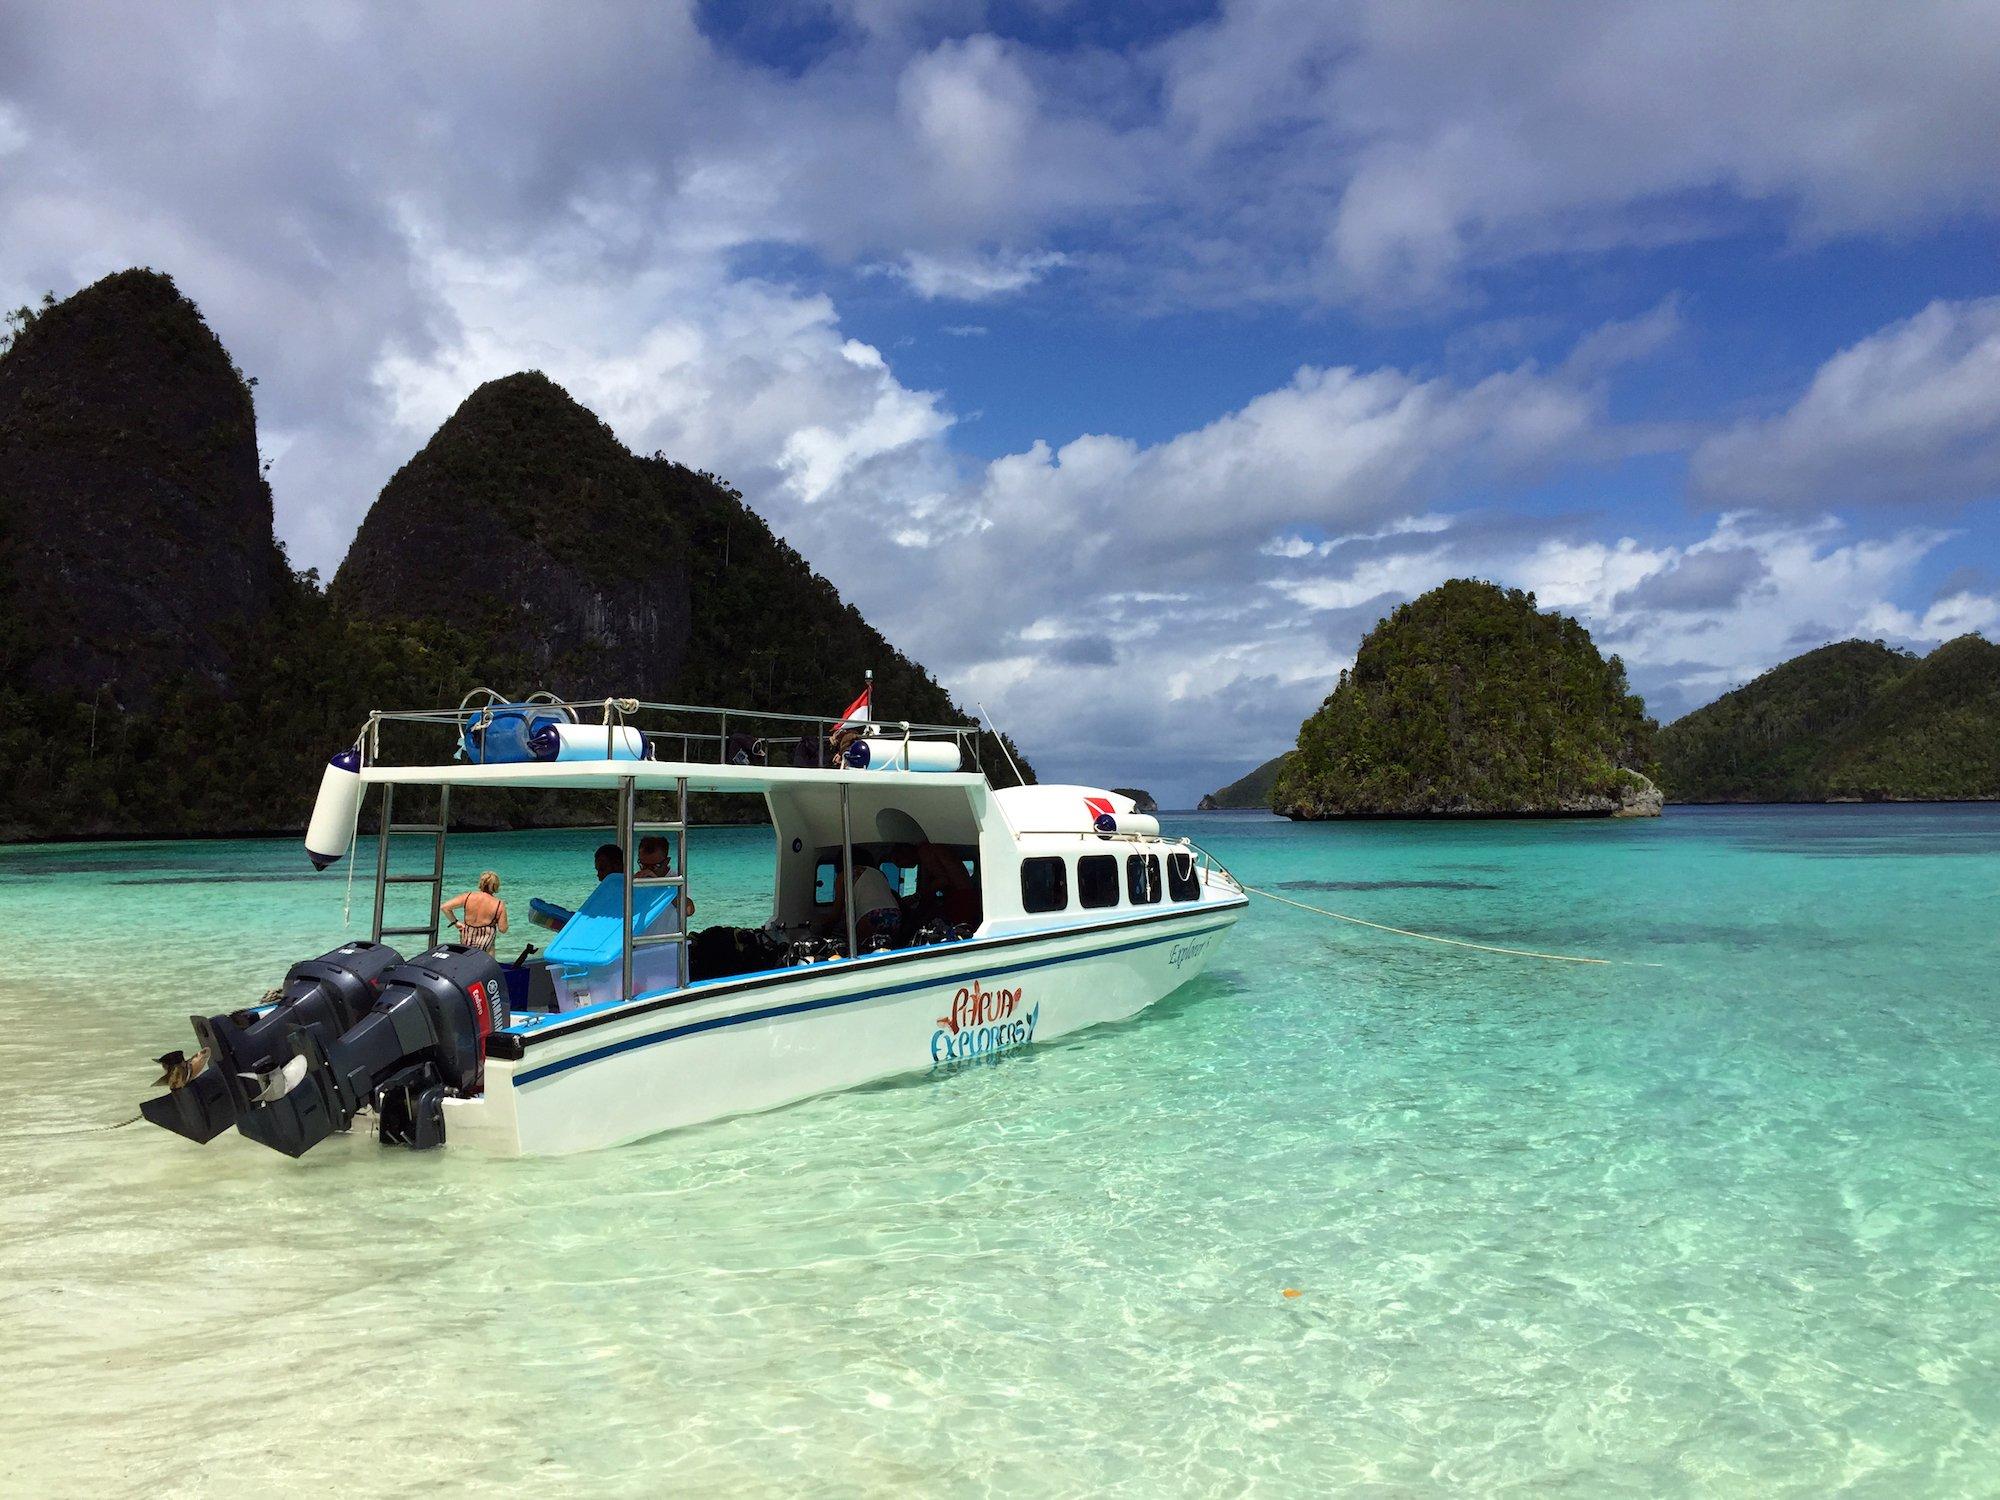 Papua Explorers Boat at Wayag Islands in Raja Ampat